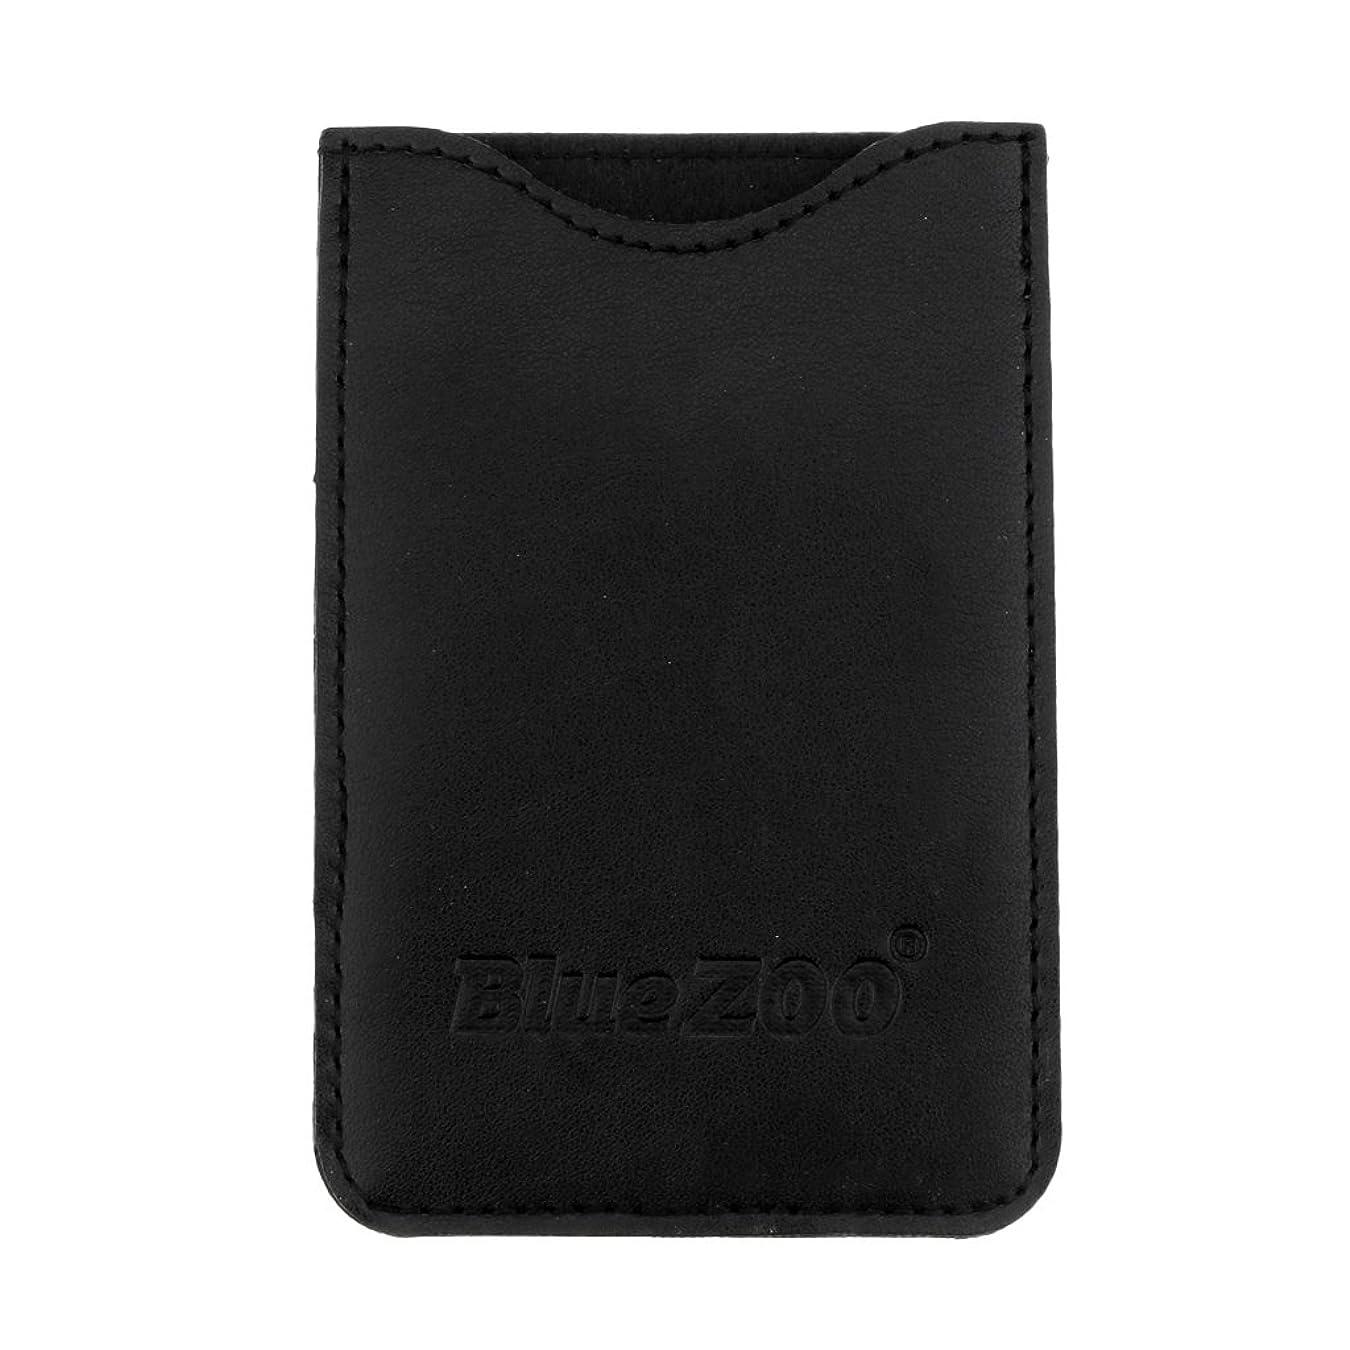 精巧な金属ボンドFenteer コームバッグ 収納ケース 収納パック 保護カバー 櫛/名刺/IDカード/銀行カード オーガナイザー 全2色  - ブラック